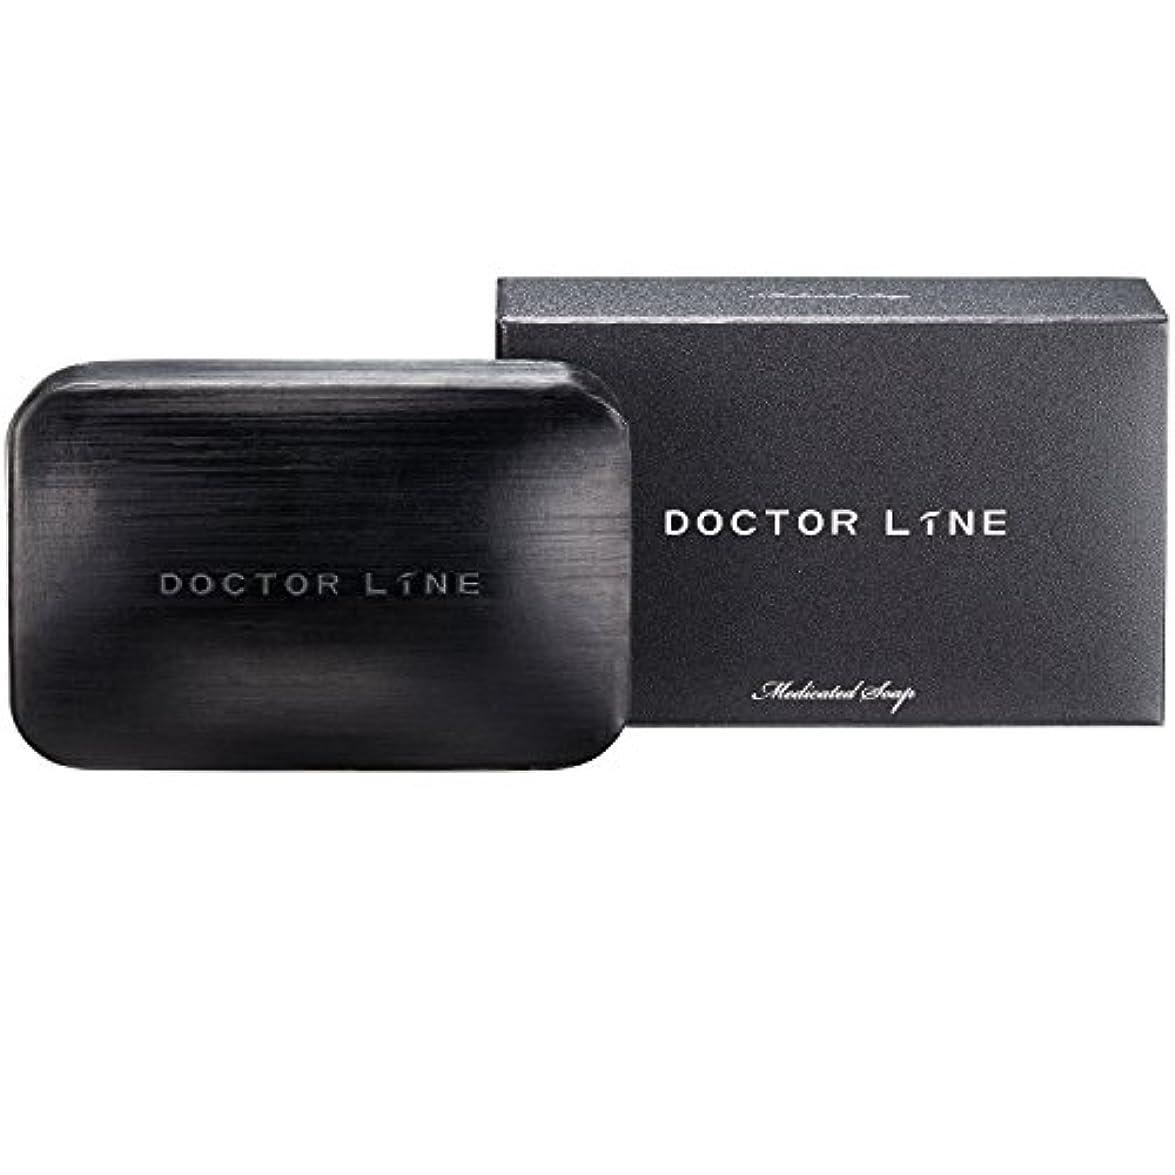 ドクターライン(Doctor Line) 薬用 リファインソープ(医薬部外品)